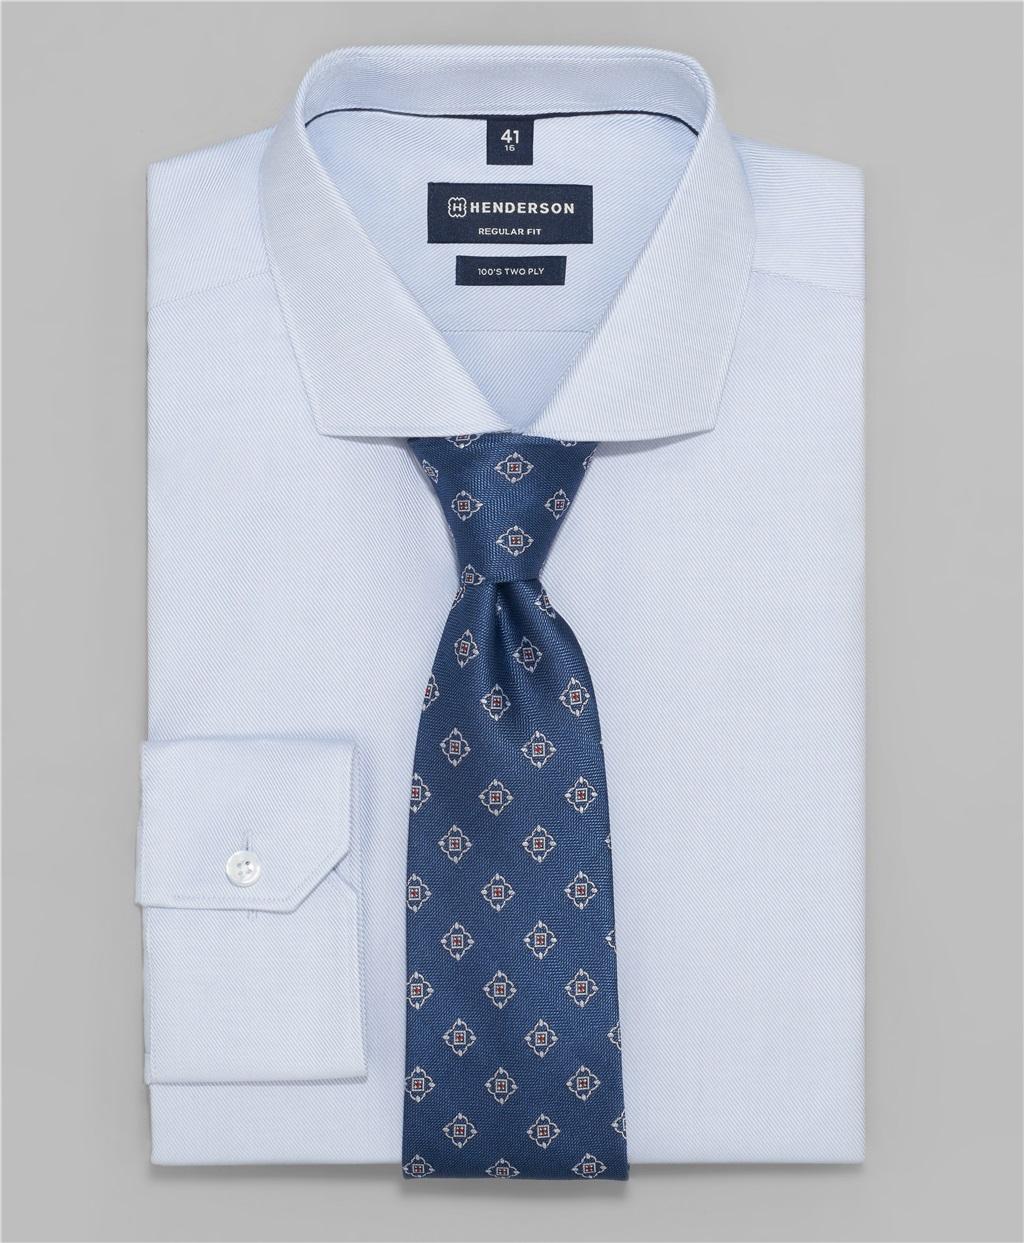 Рубашка прямой силуэт HENDERSON SHL-1103-N GREY фото